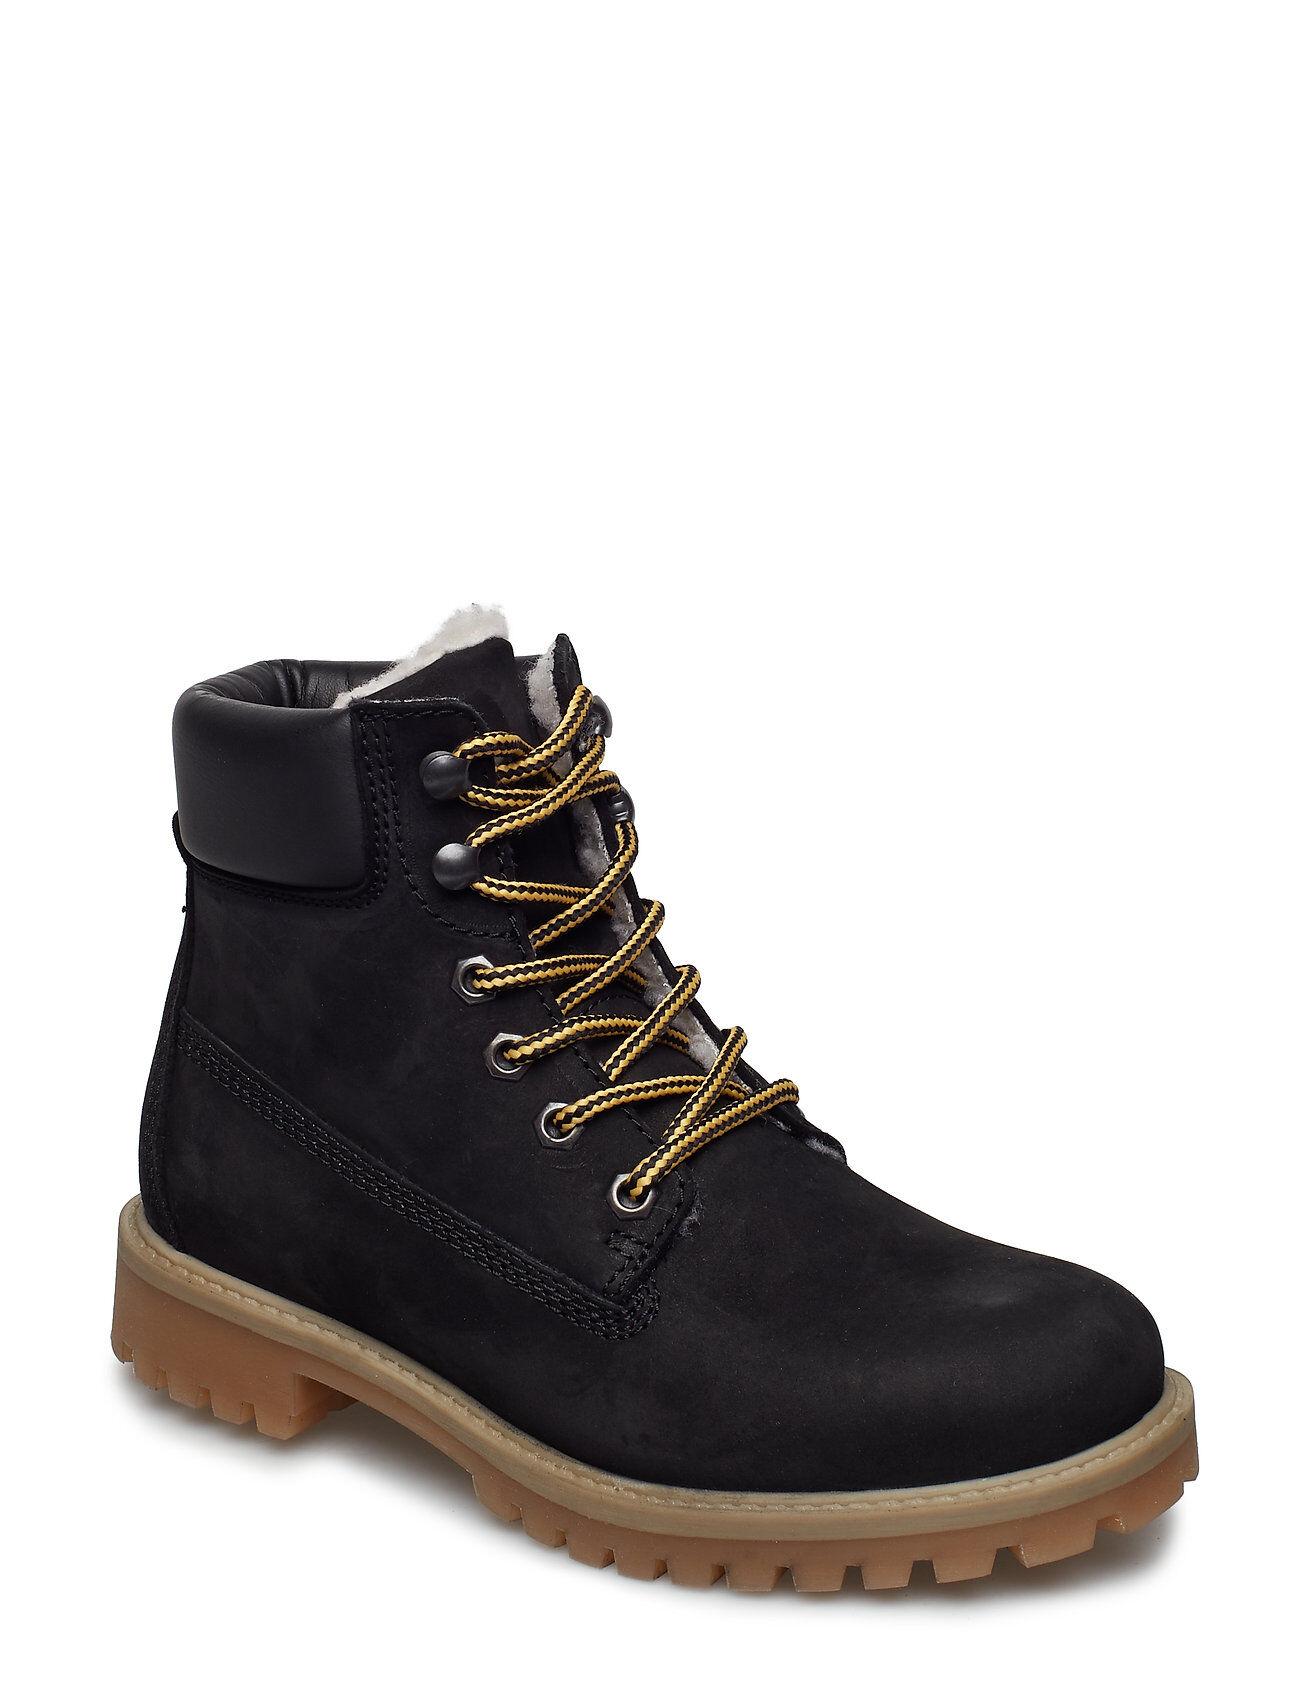 Bianco Bfasta Warm Worker Boot